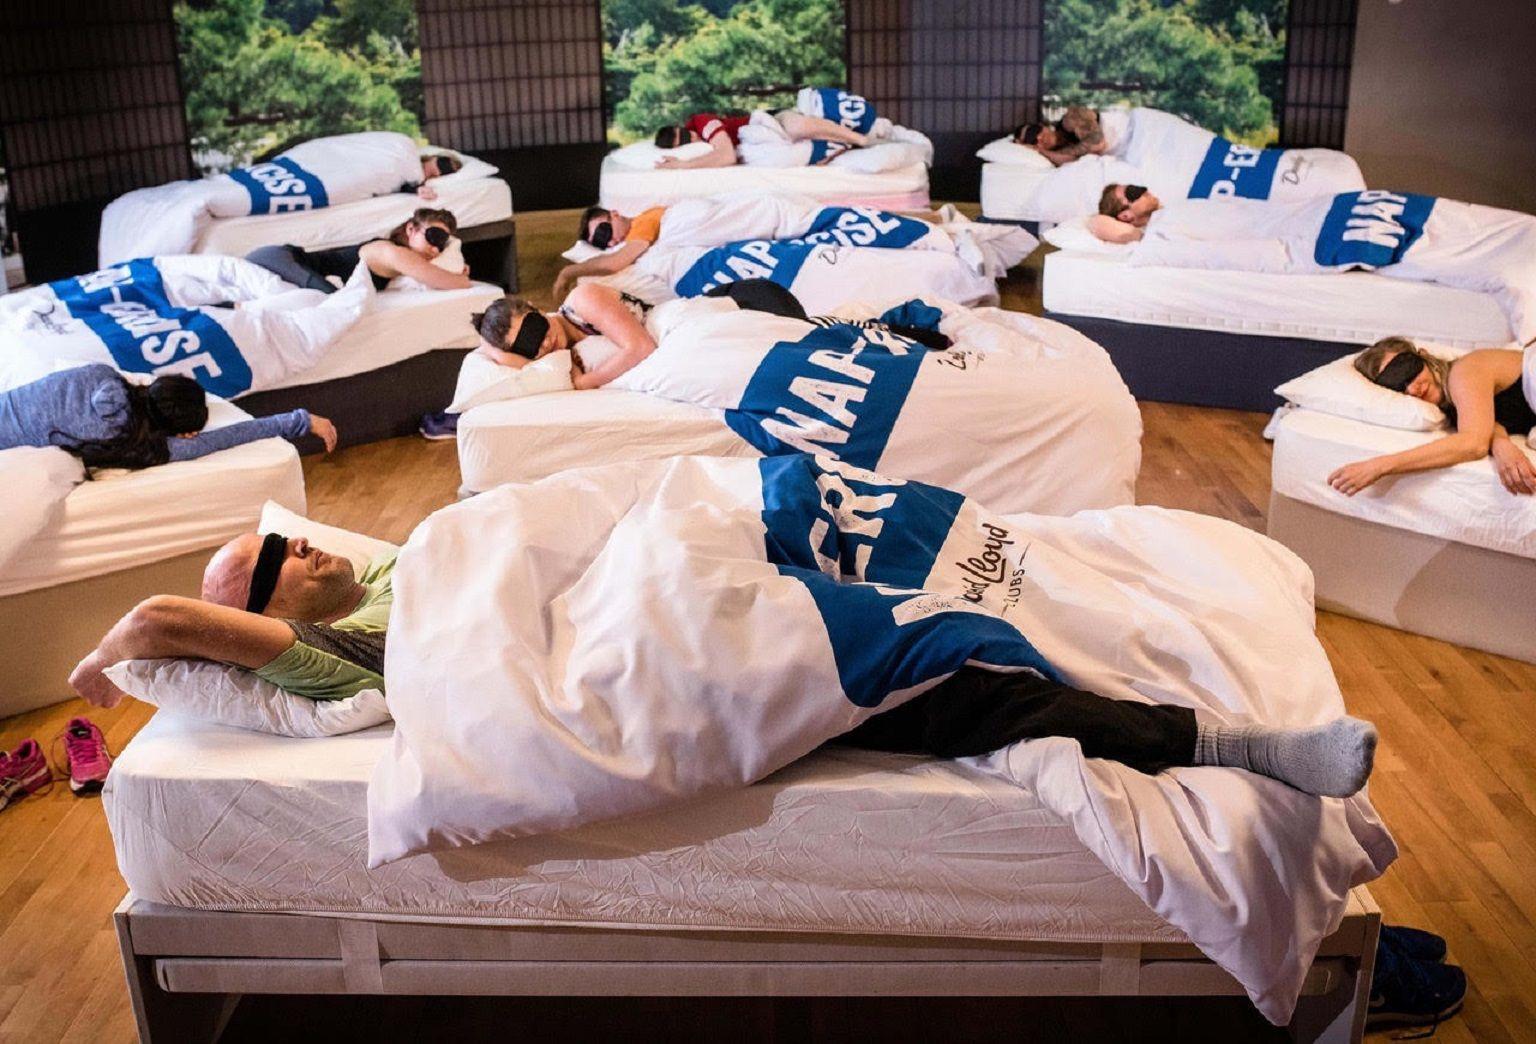 Un gimnasio ofrece clases de siesta para padres cansados